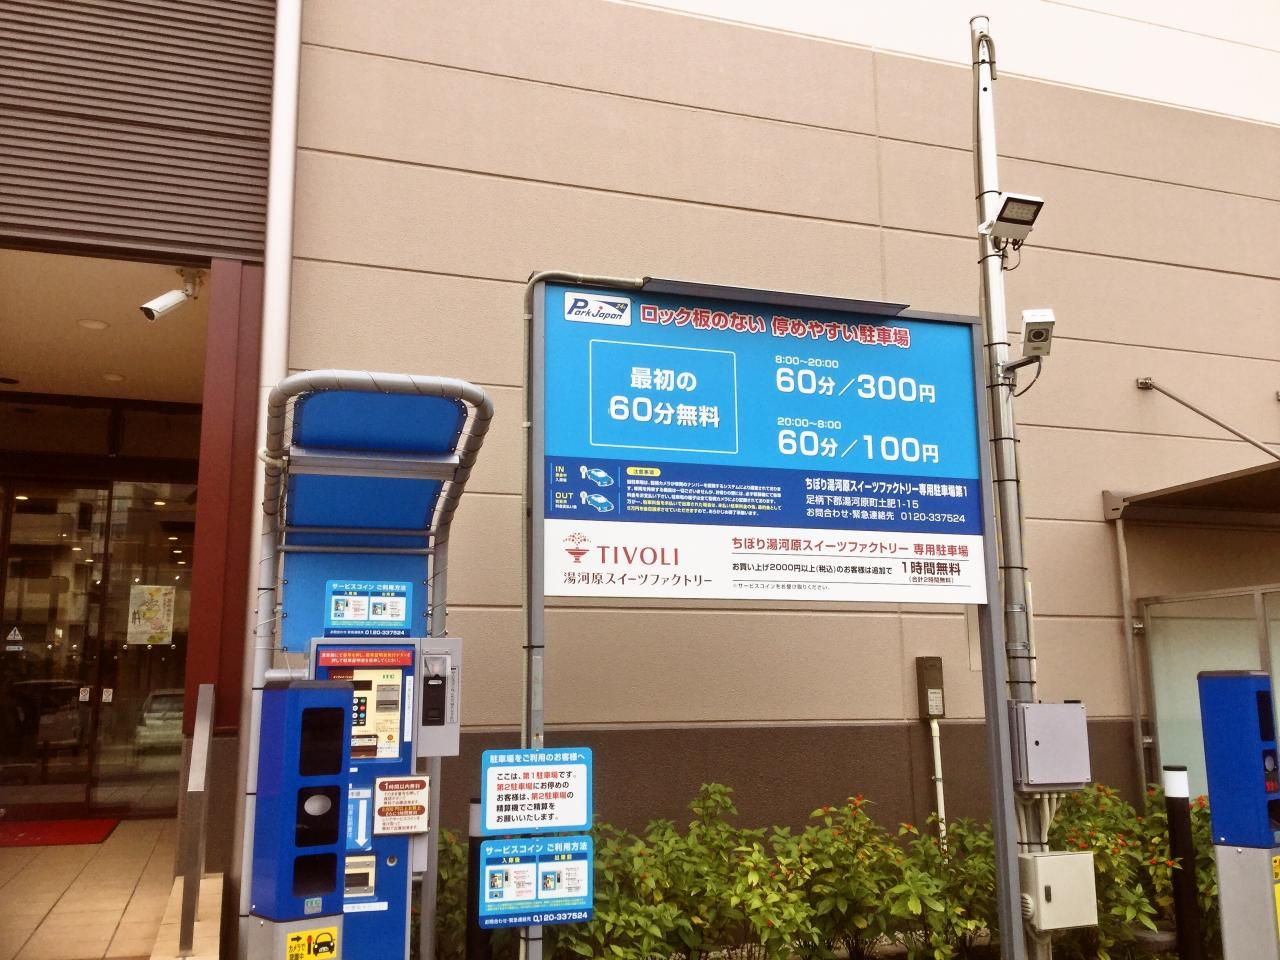 ちぼり湯河原スイーツファクトリー(駐車場)